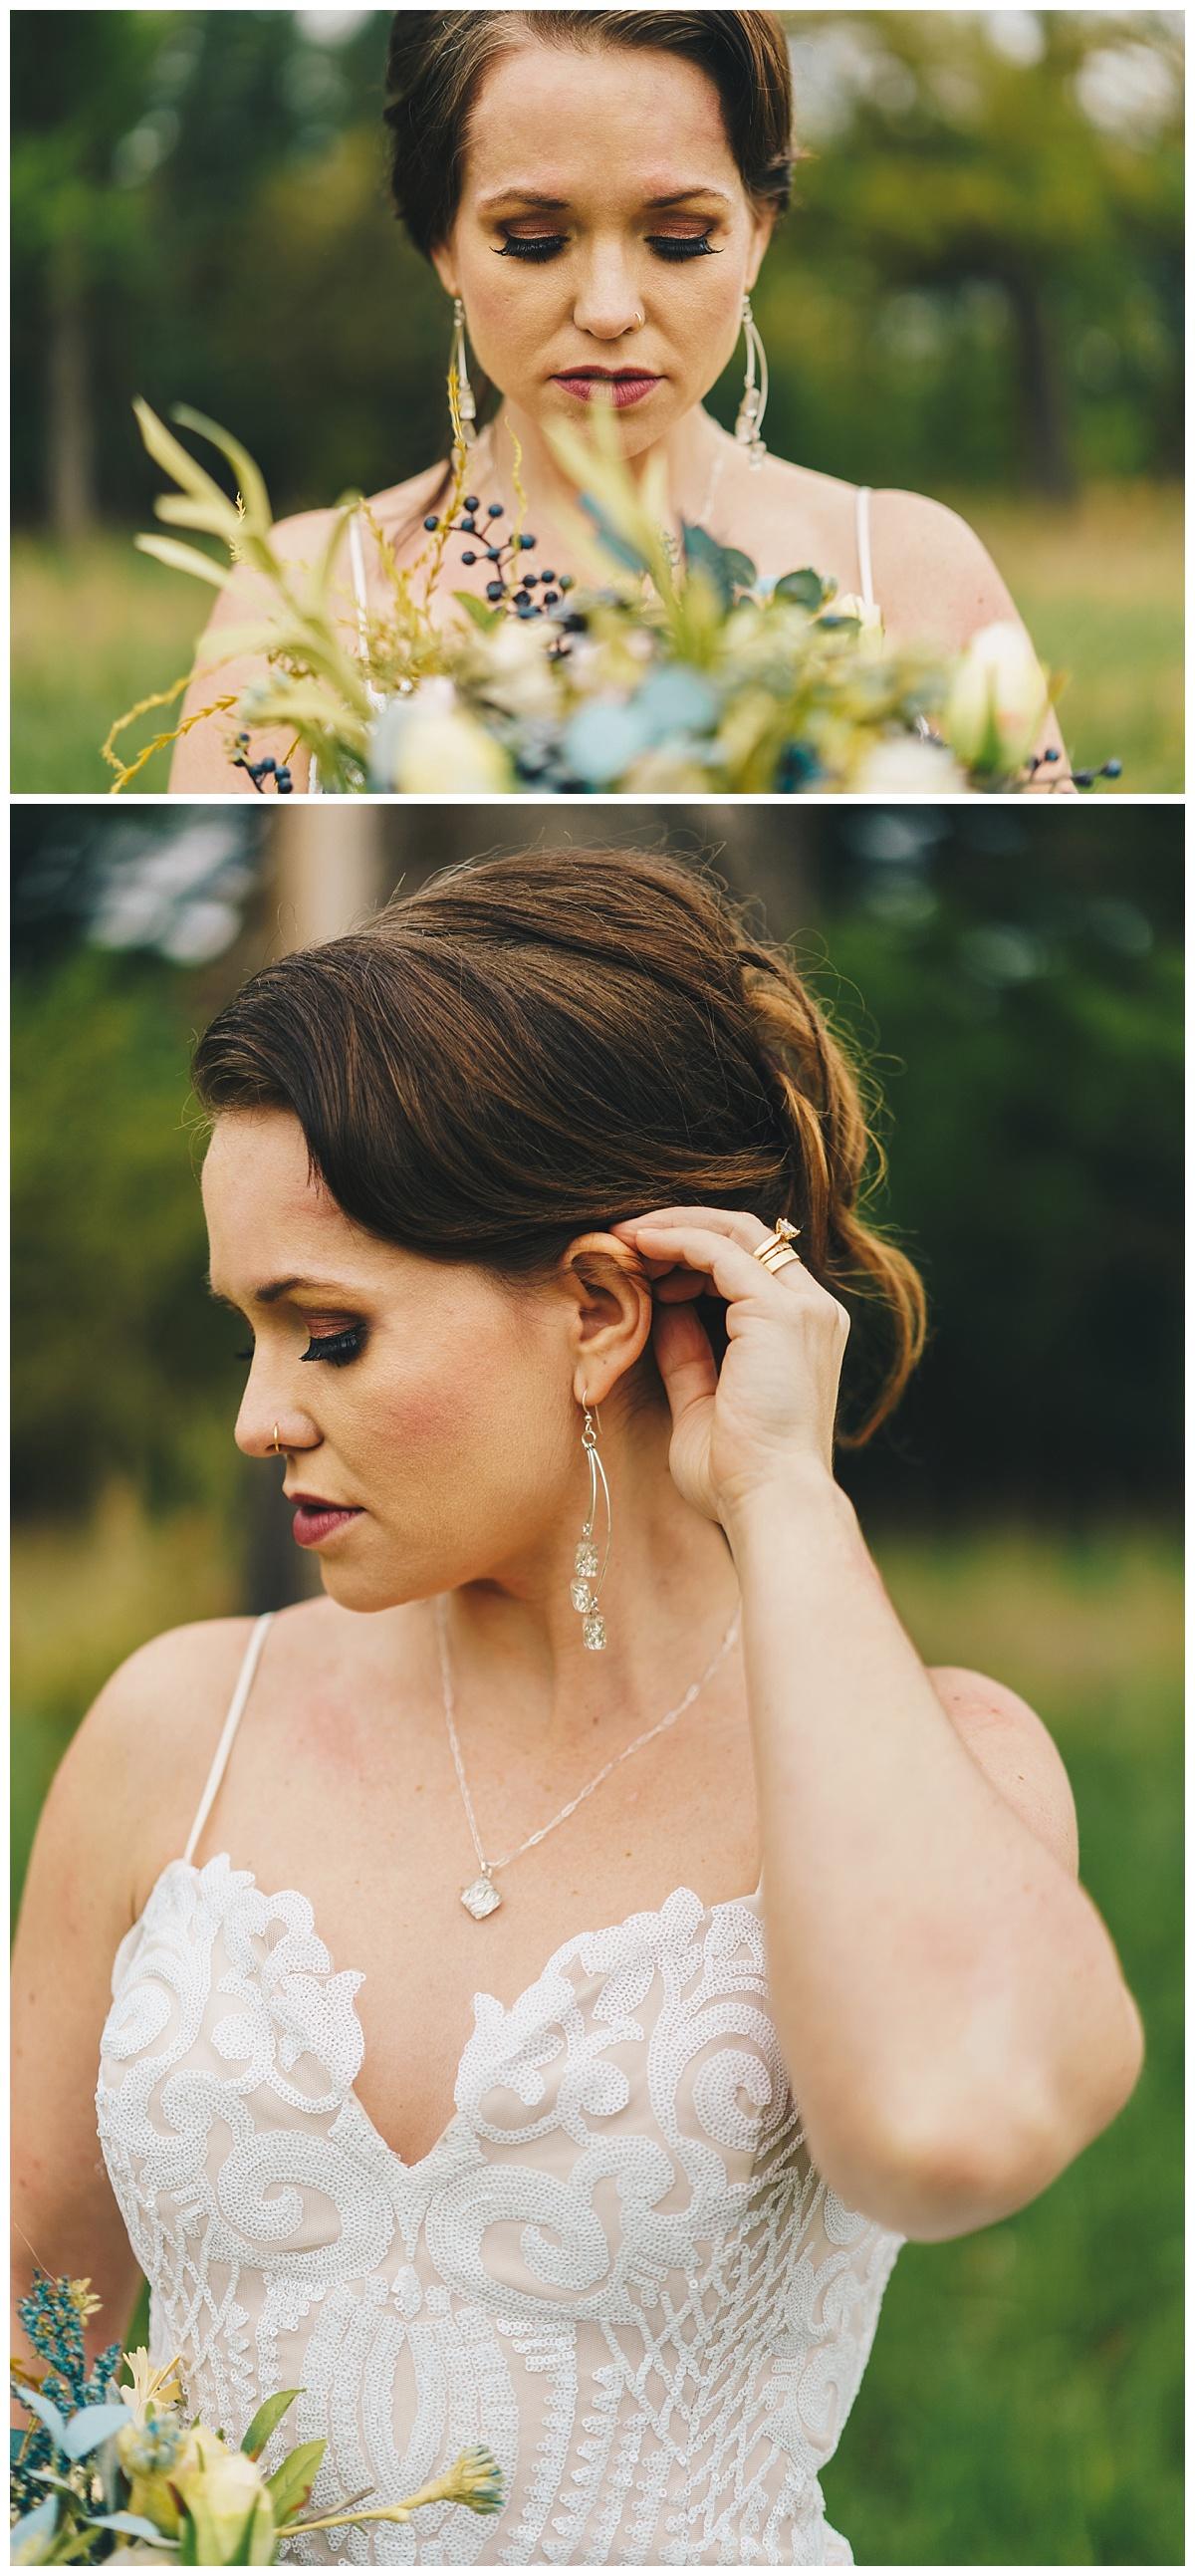 Nashville Wedding Photographer_Elegant Woods Styled Session-8